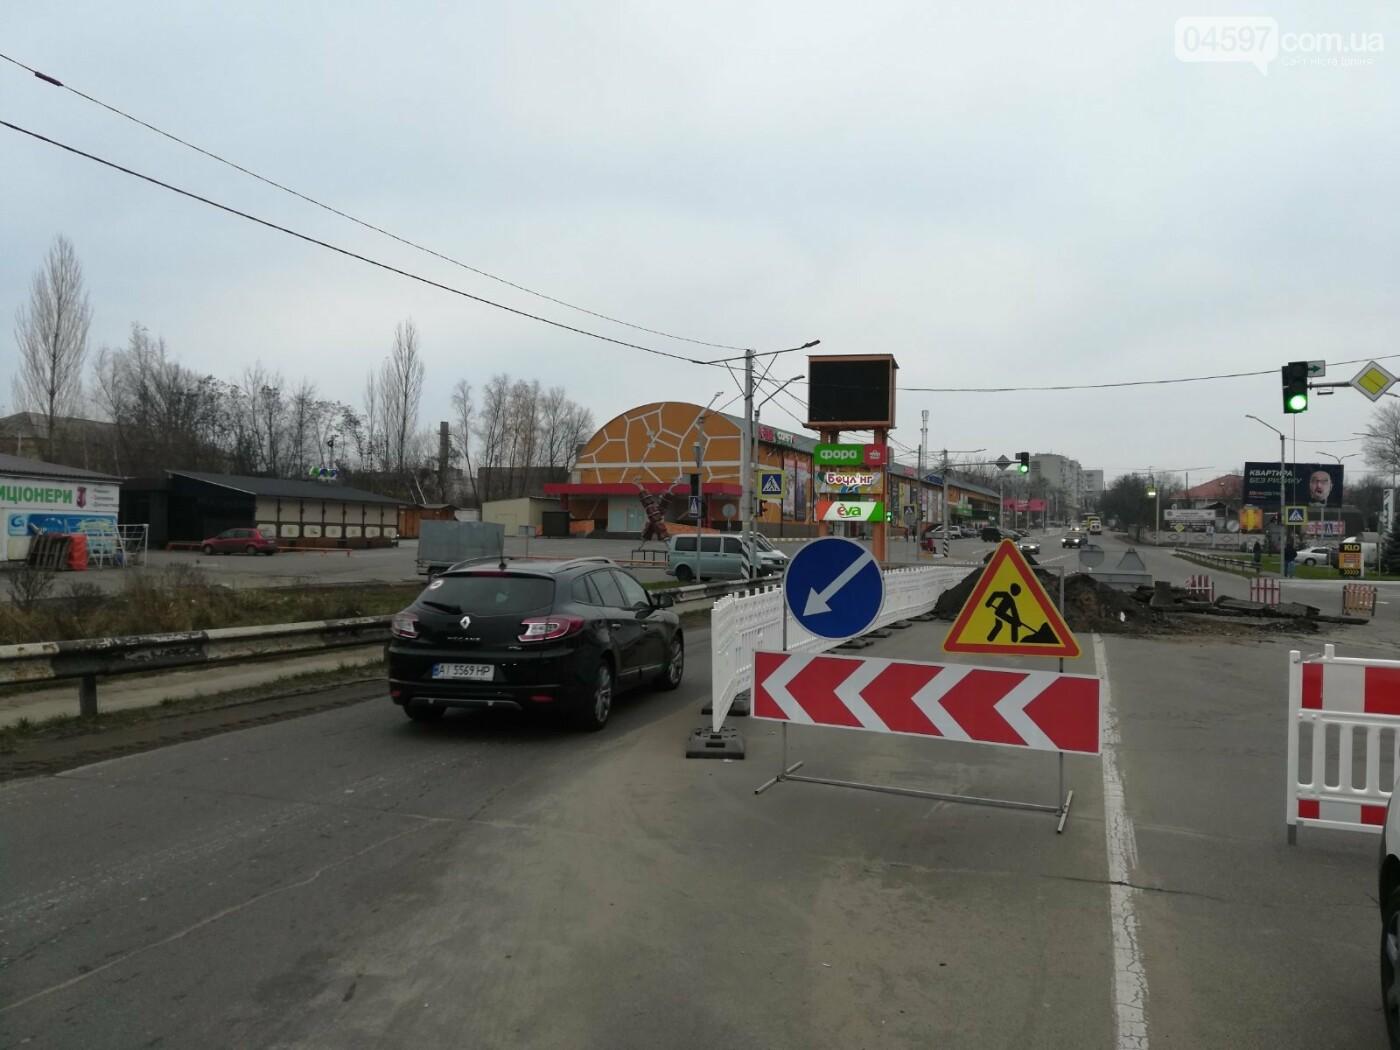 Проїзд обмежено: бучанцям краще не їхати через Ірпінь, фото-2